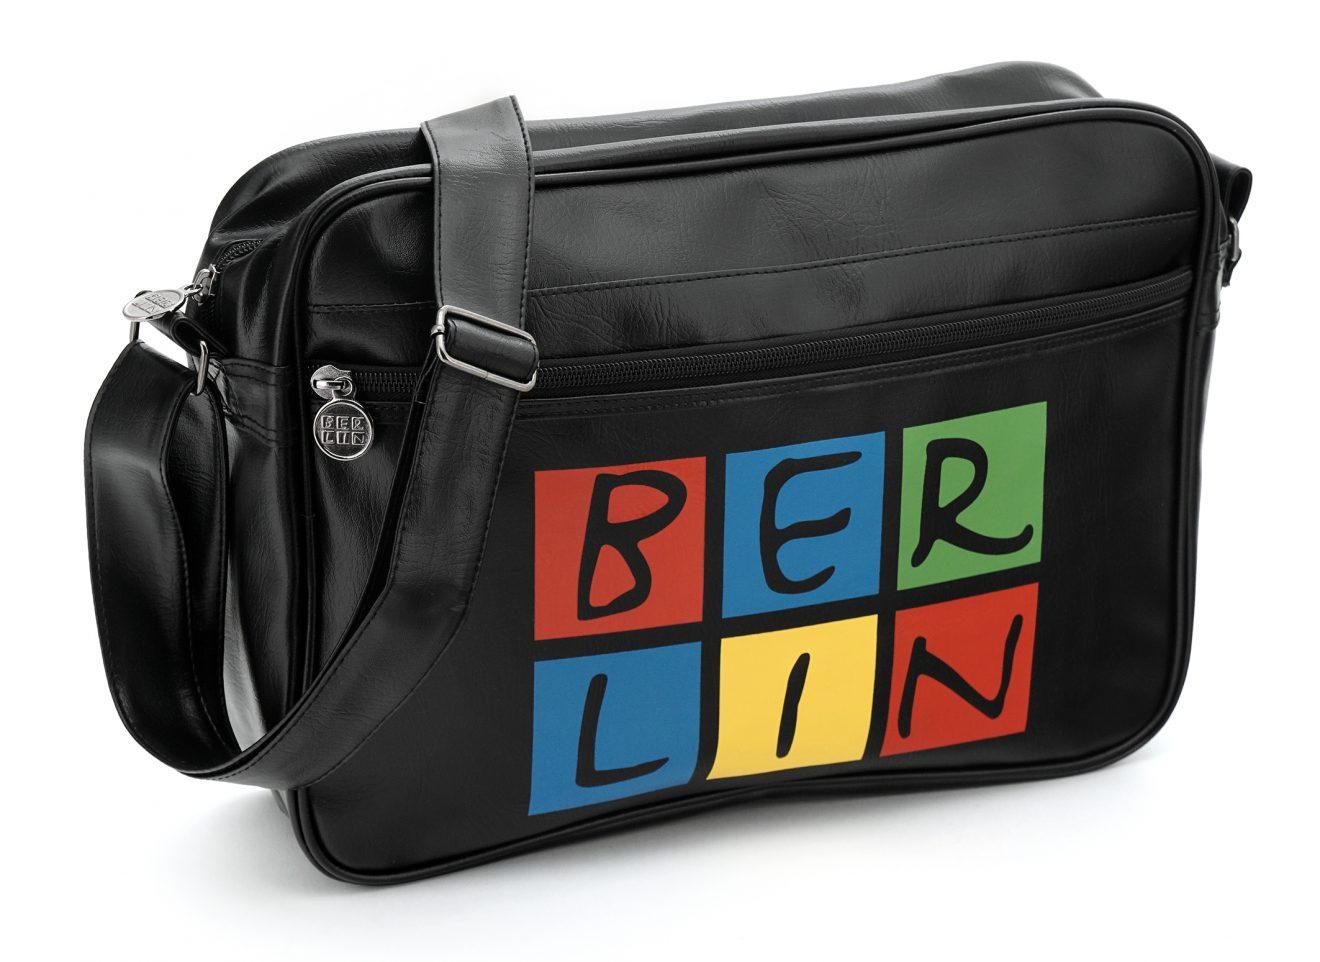 030-6001_Retrotasche_2-0_BERLIN_schw-bunt